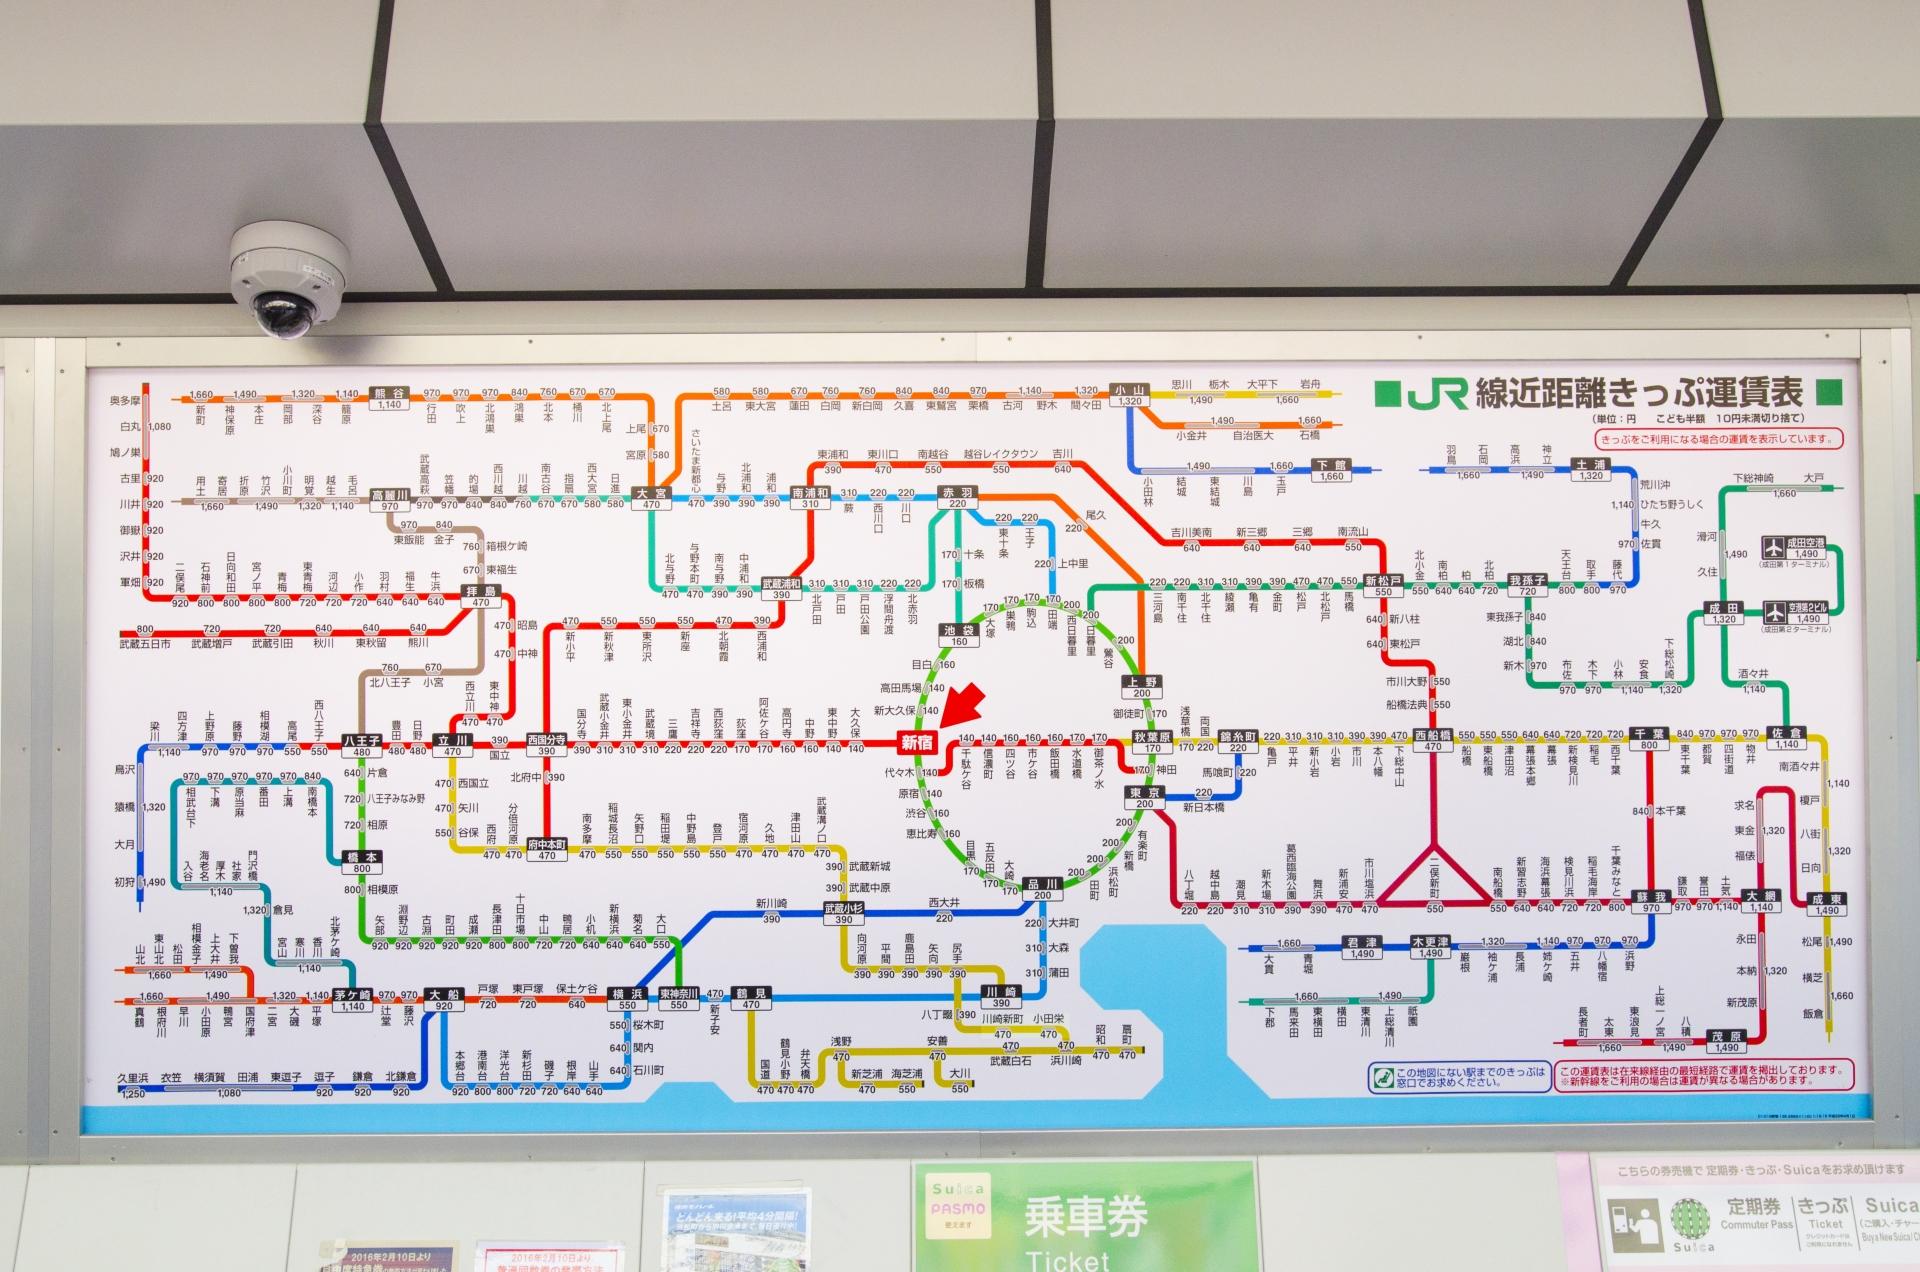 駅すぱあとの路線図やダウンロードアプリ